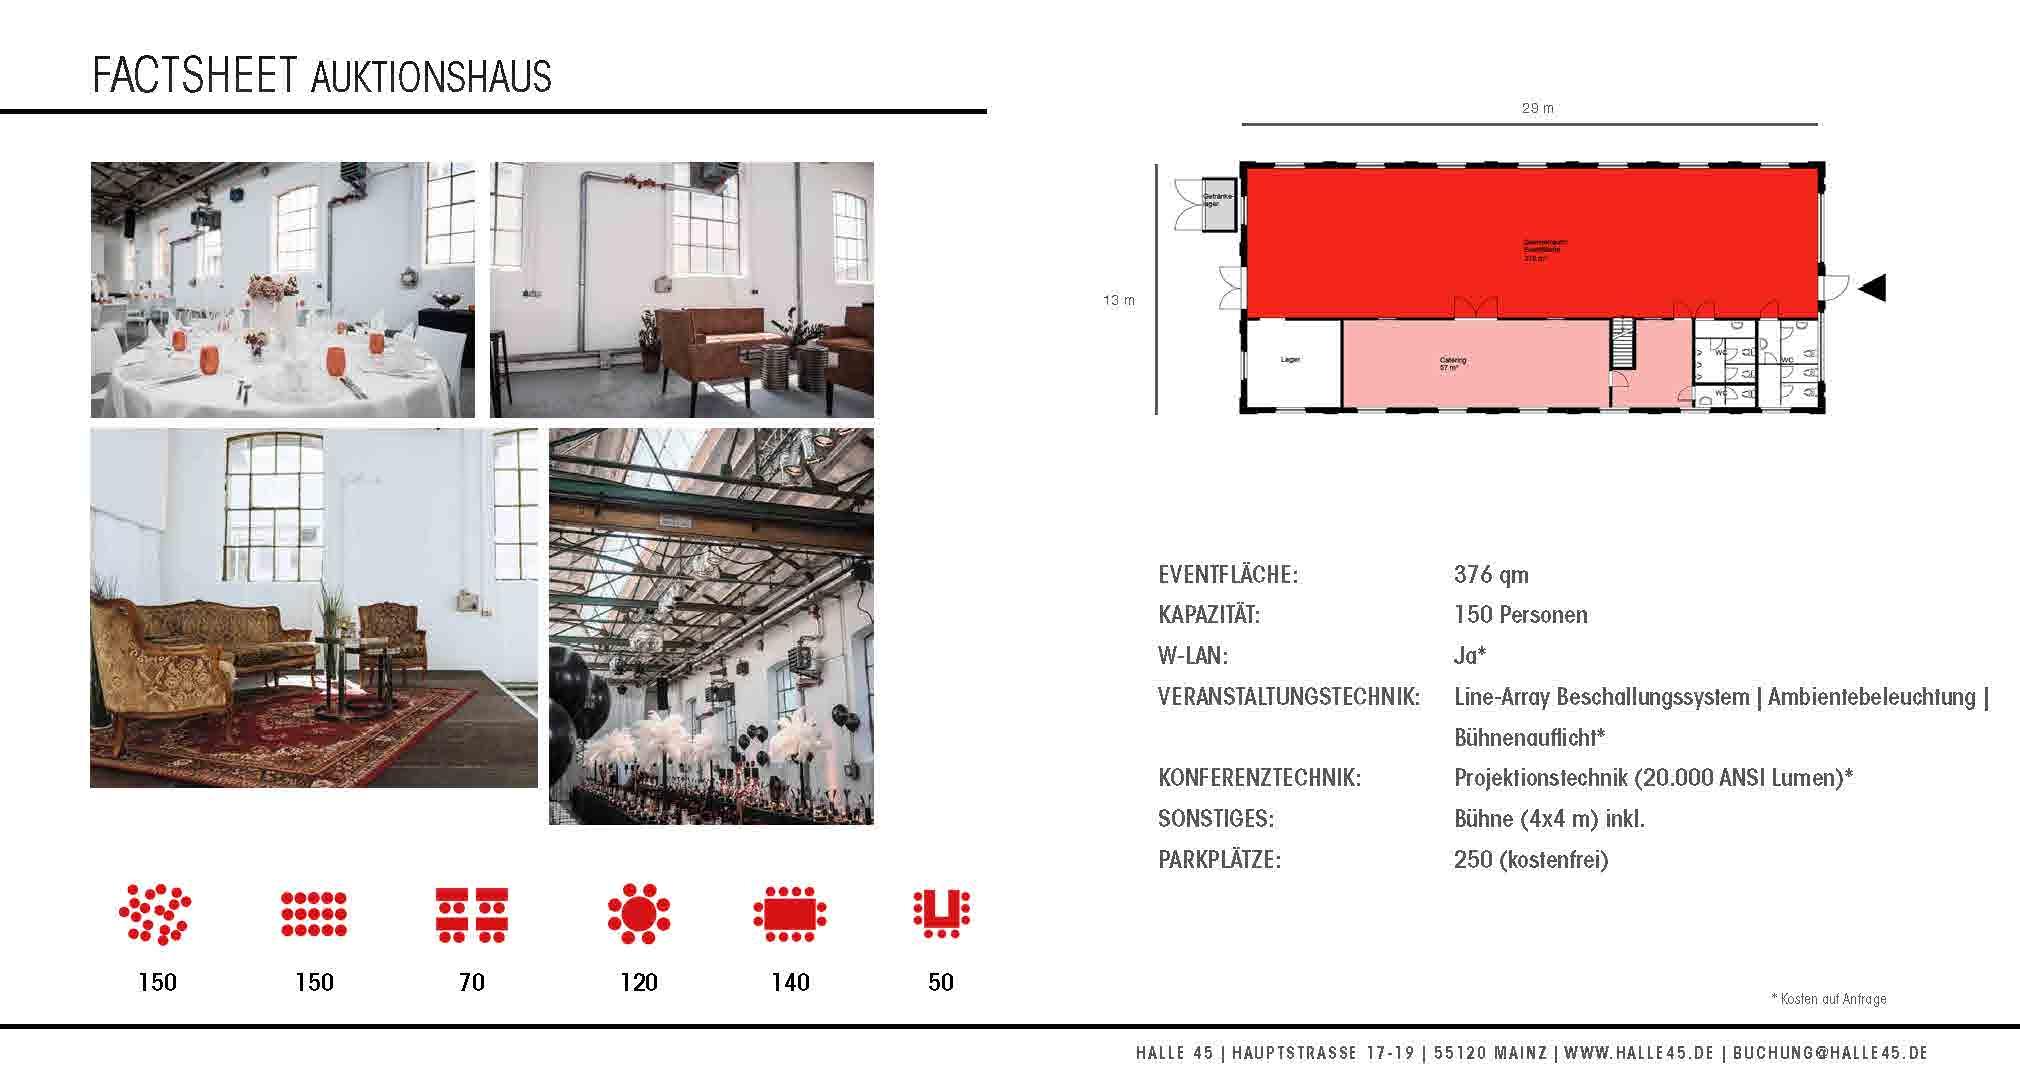 Factsheet_Auktionshaus